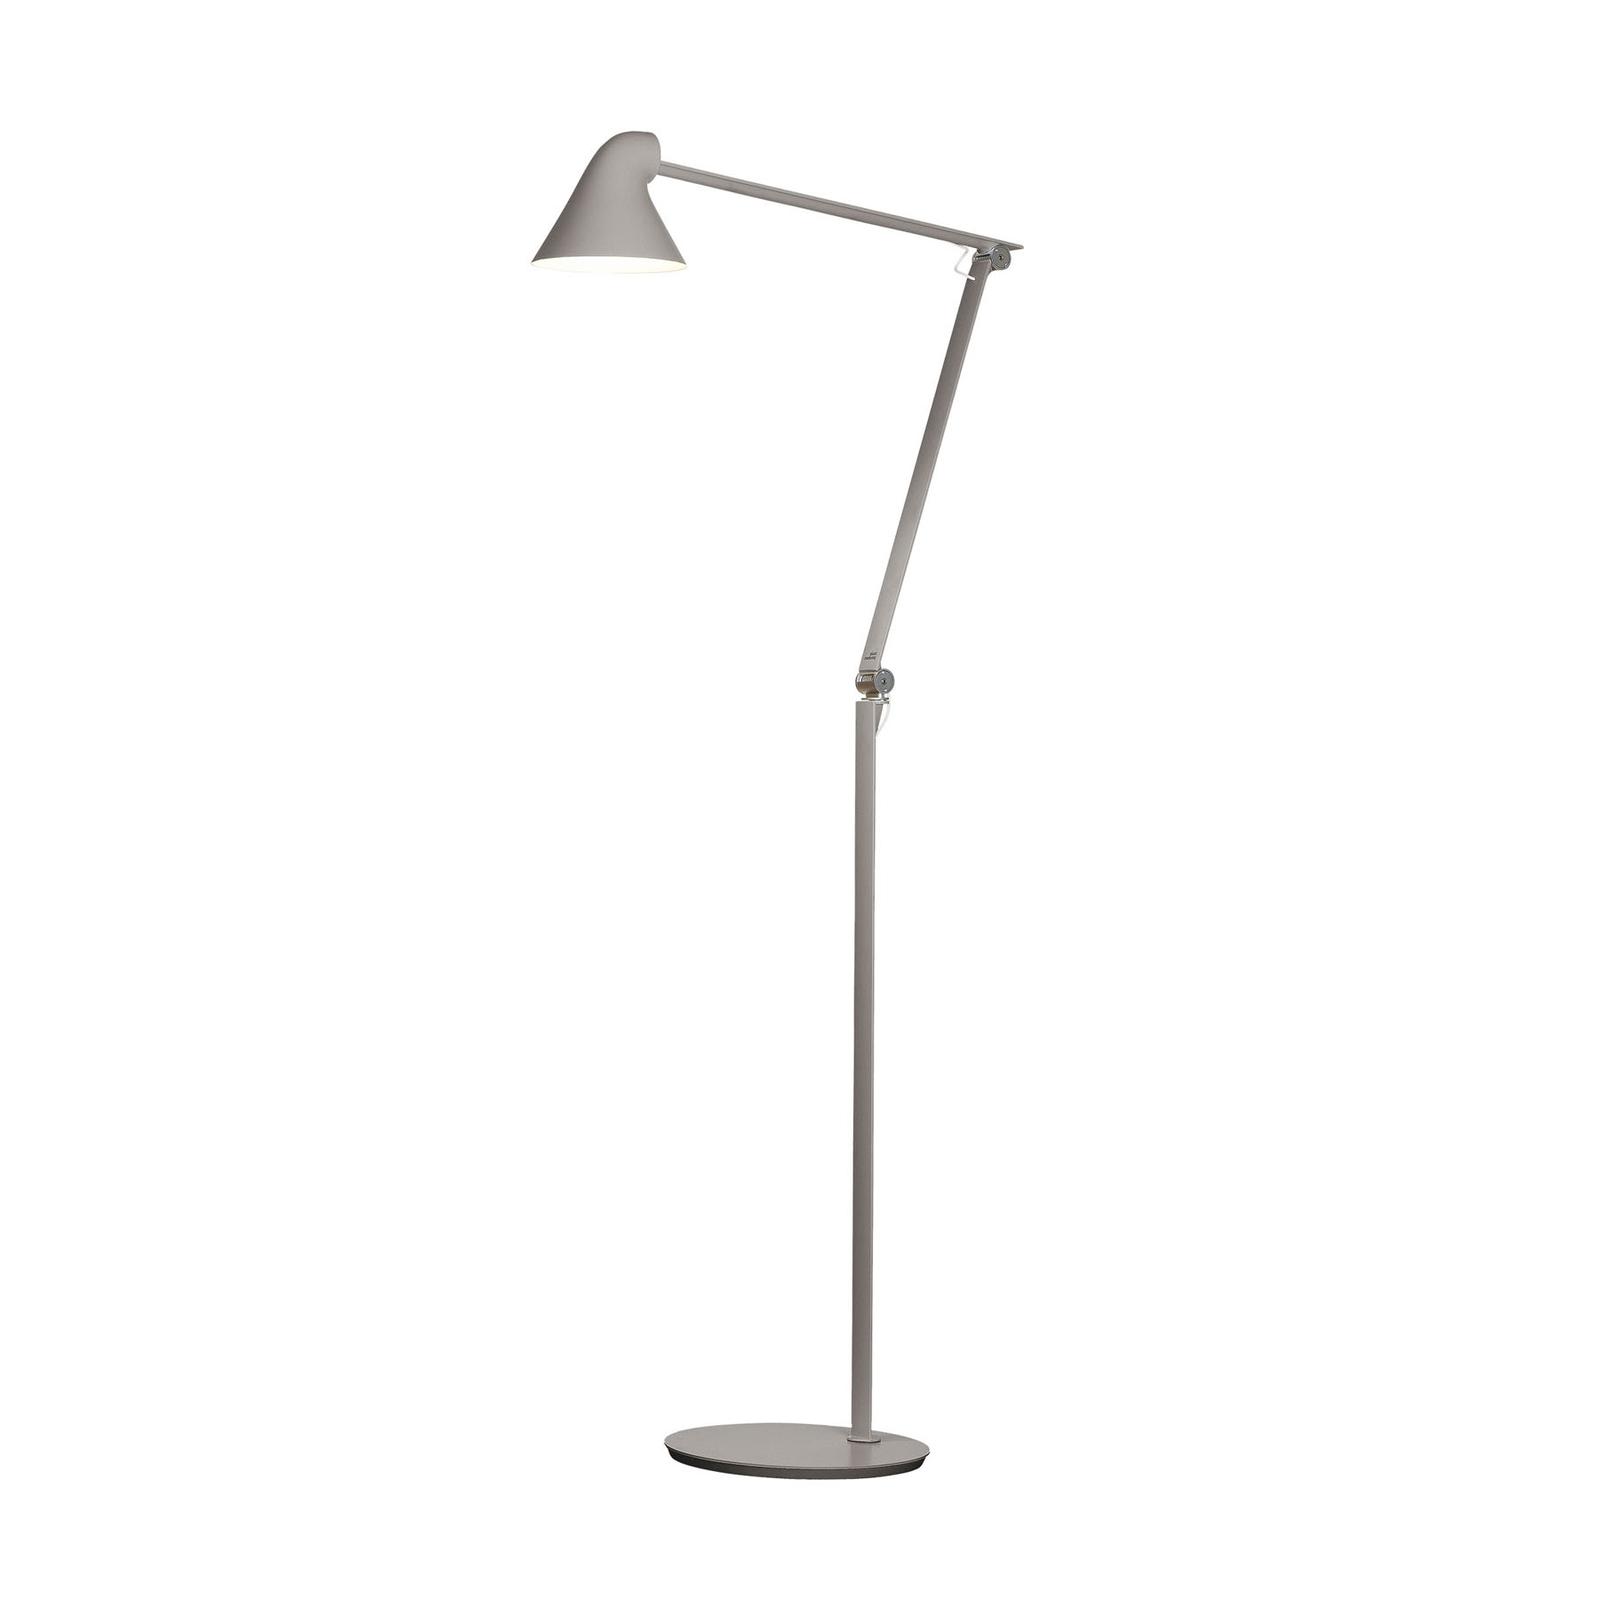 Louis Poulsen NJP lampadaire LED 3000K gris clair